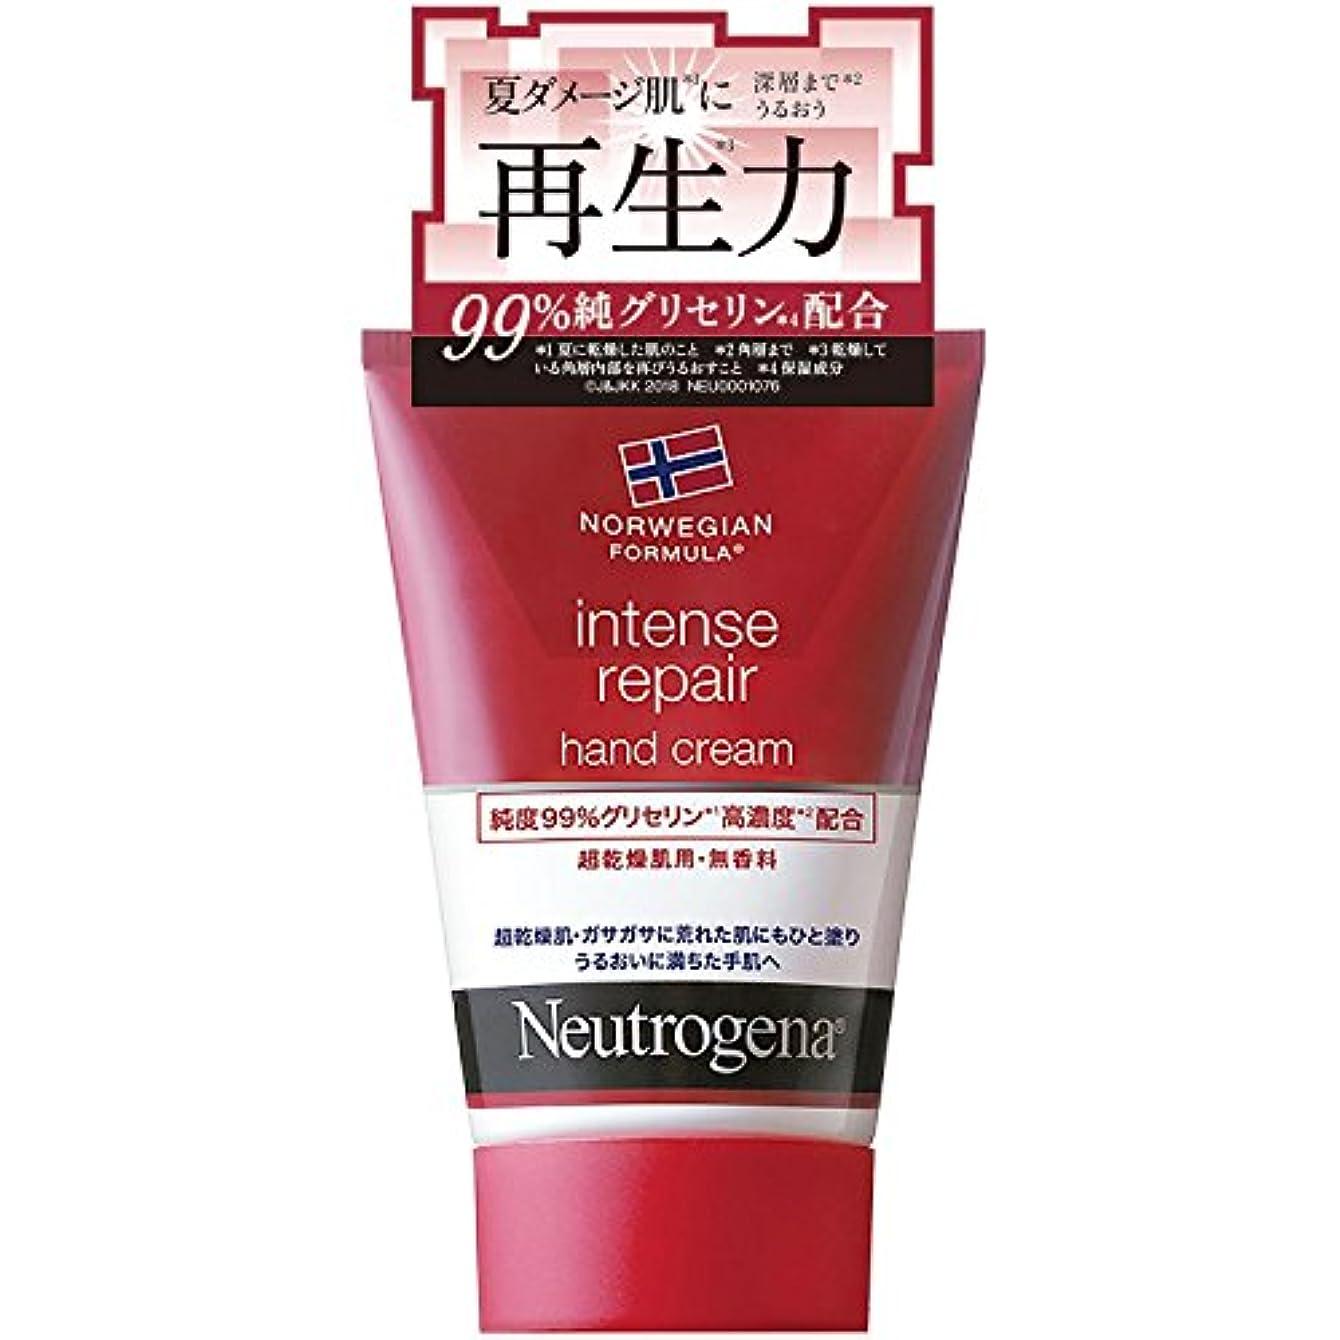 期待ベリ正当なNeutrogena(ニュートロジーナ) ノルウェーフォーミュラ インテンスリペア ハンドクリーム 超乾燥肌用 無香料 単品 50g